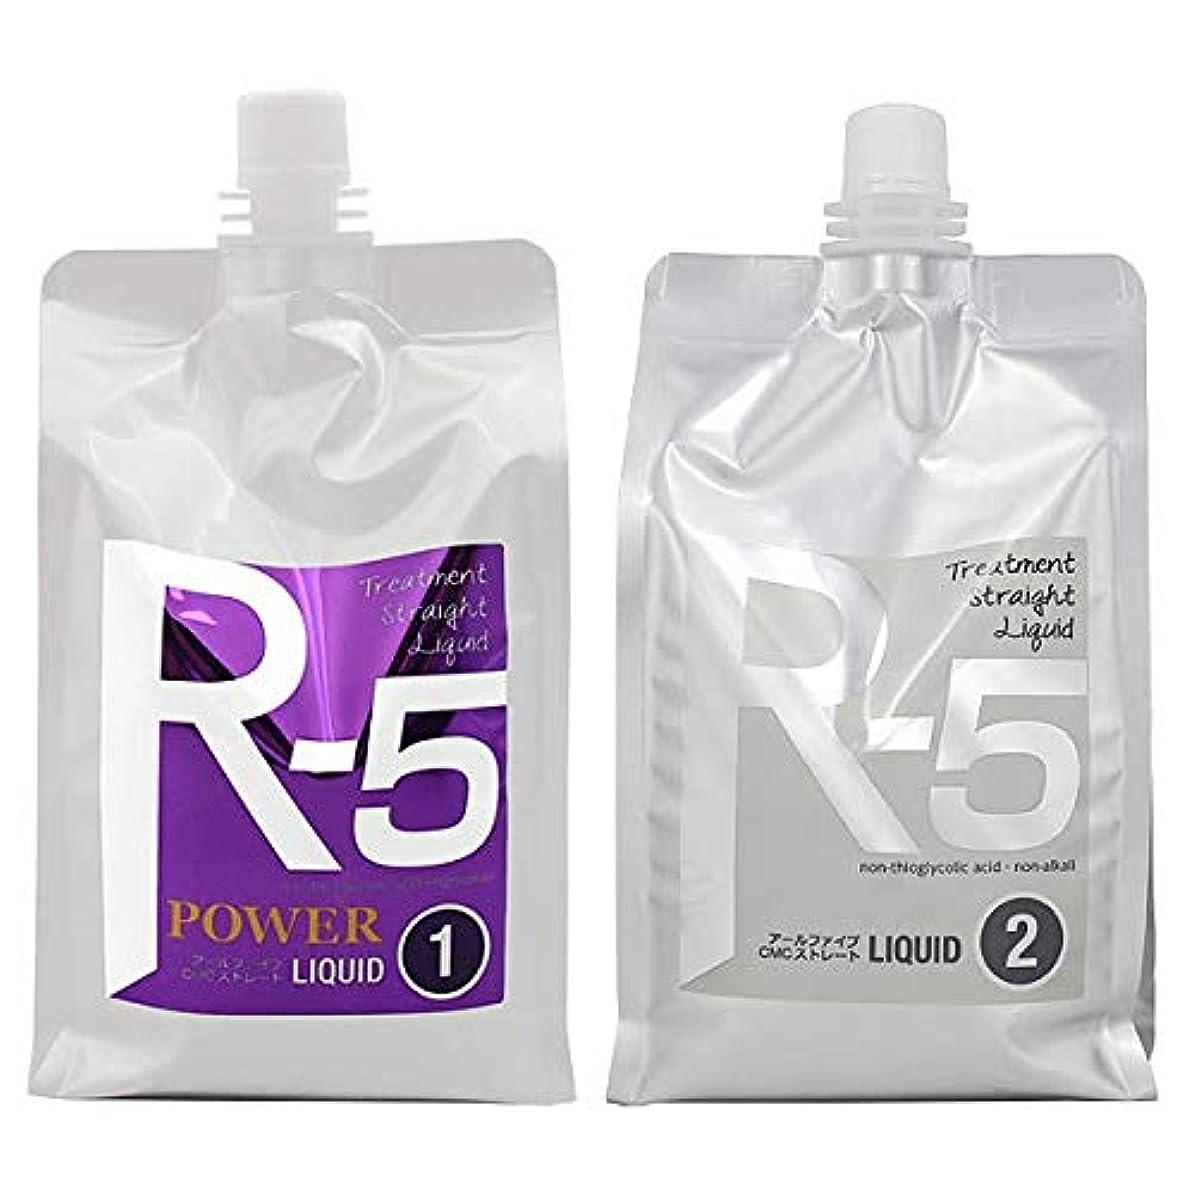 この宇宙妥協CMCトリートメントストレート R-5 パープル(パワー) ストレート剤